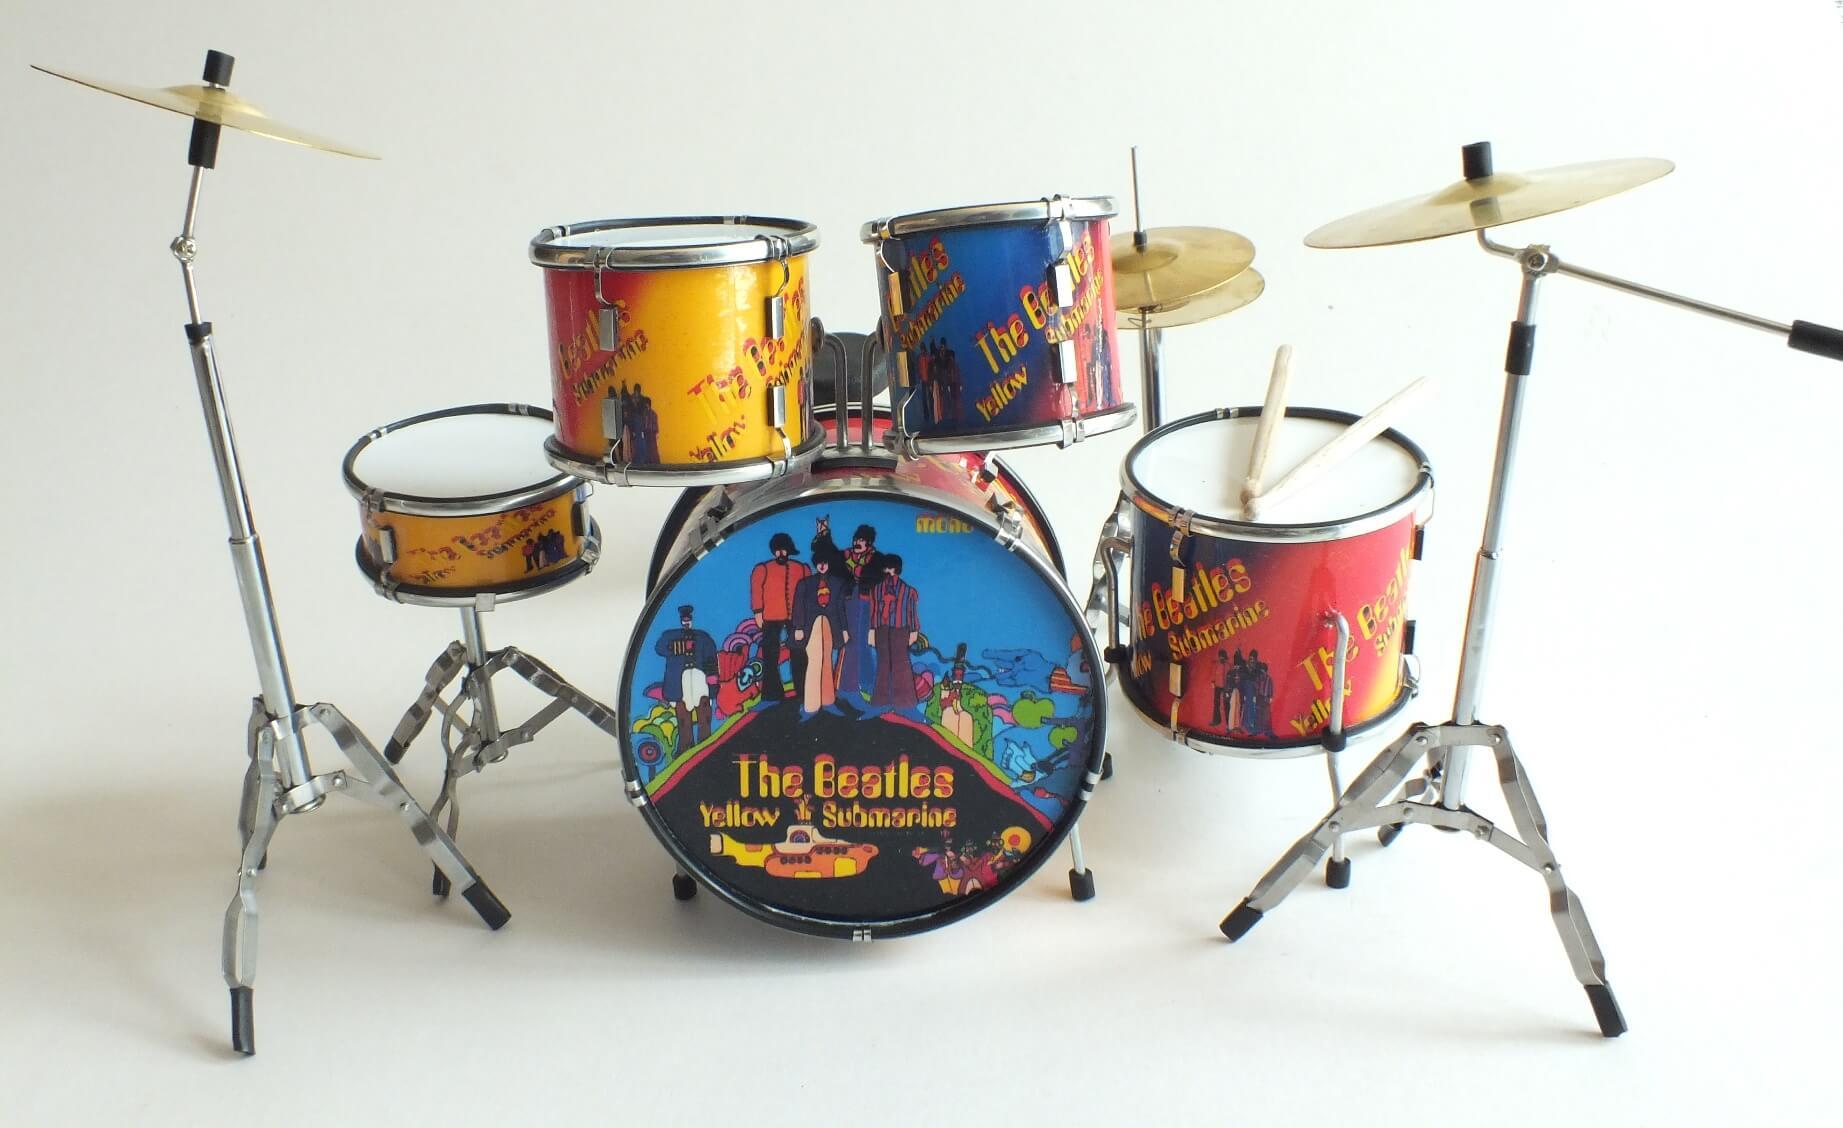 Ringo Starr BEATLES Yellow Submarine Miniature Drumkit RGM356